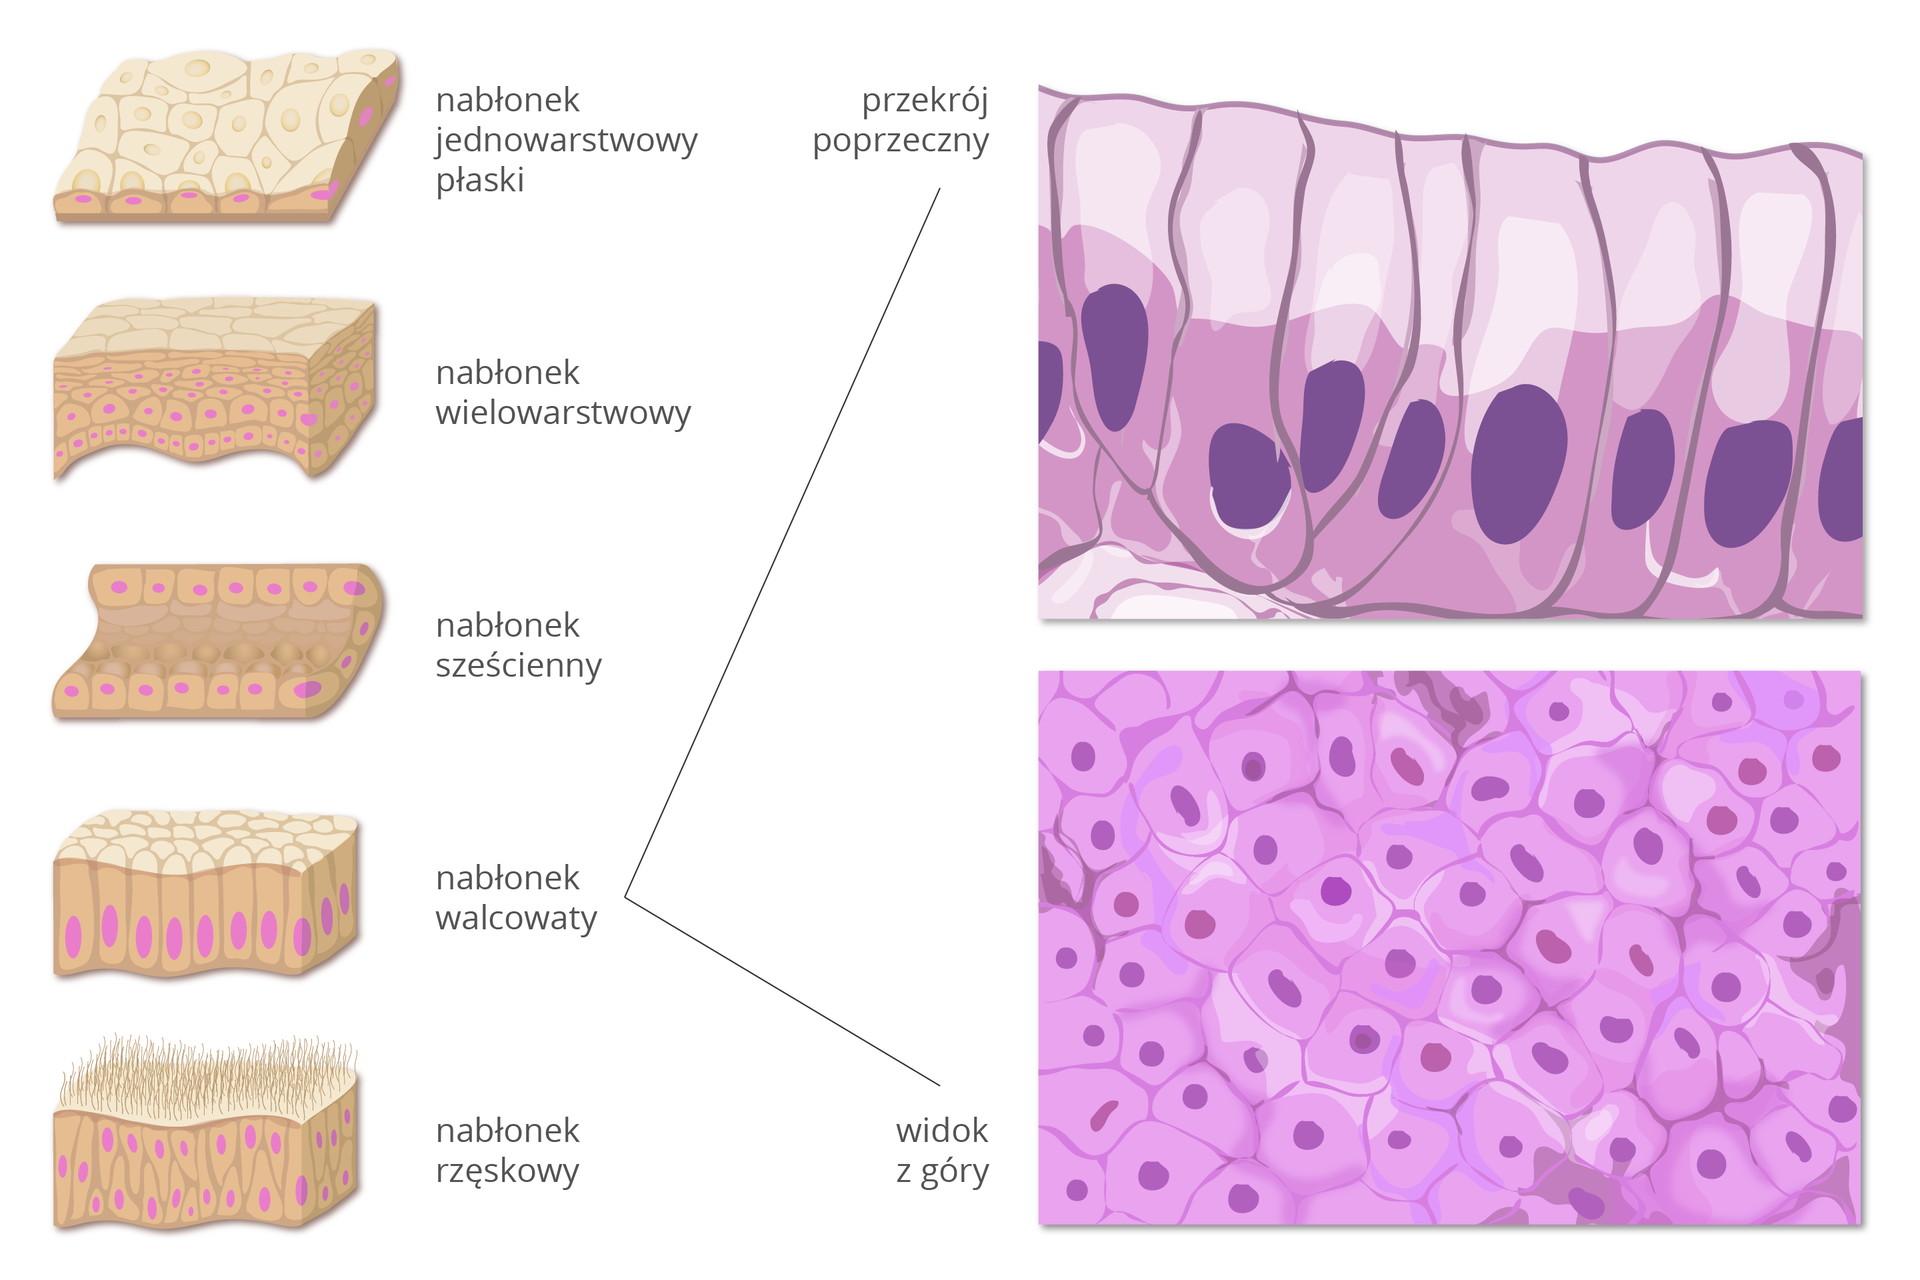 Ilustracja przedstawia grafikę idwa obrazy mikroskopowe. Widoczny przekrój poprzeczny, oraz widok zgóry tkanek nabłonka.Po lewej stronie pokazano pięć różnych typów nabłonka zpodpisami. Są wielokątne, różowe ściśle ułożone bryłki. Ciemniejszym kolorem zaznaczono jądra komórkowe. Od góry: nablównek jednowarstwowy płaski, nabłonek wielowarstwowy, nabłonek sześcienny, nabłonek walcowaty, nabłonek rzęskowy. Od nabłonka walcowatego kreski do obrazów mikroskopowych po prawej. Górny przedstawia walcowate, jasnofioletowe komórki pionowo ułożone obok siebie, zciemnofioletowo jądrami. Dolny oraz przedstawia widok zgóry. Wielokątne fioletowe komórki, ciasno ułożone, zzaznaczonym ciemniejszym jądrem.